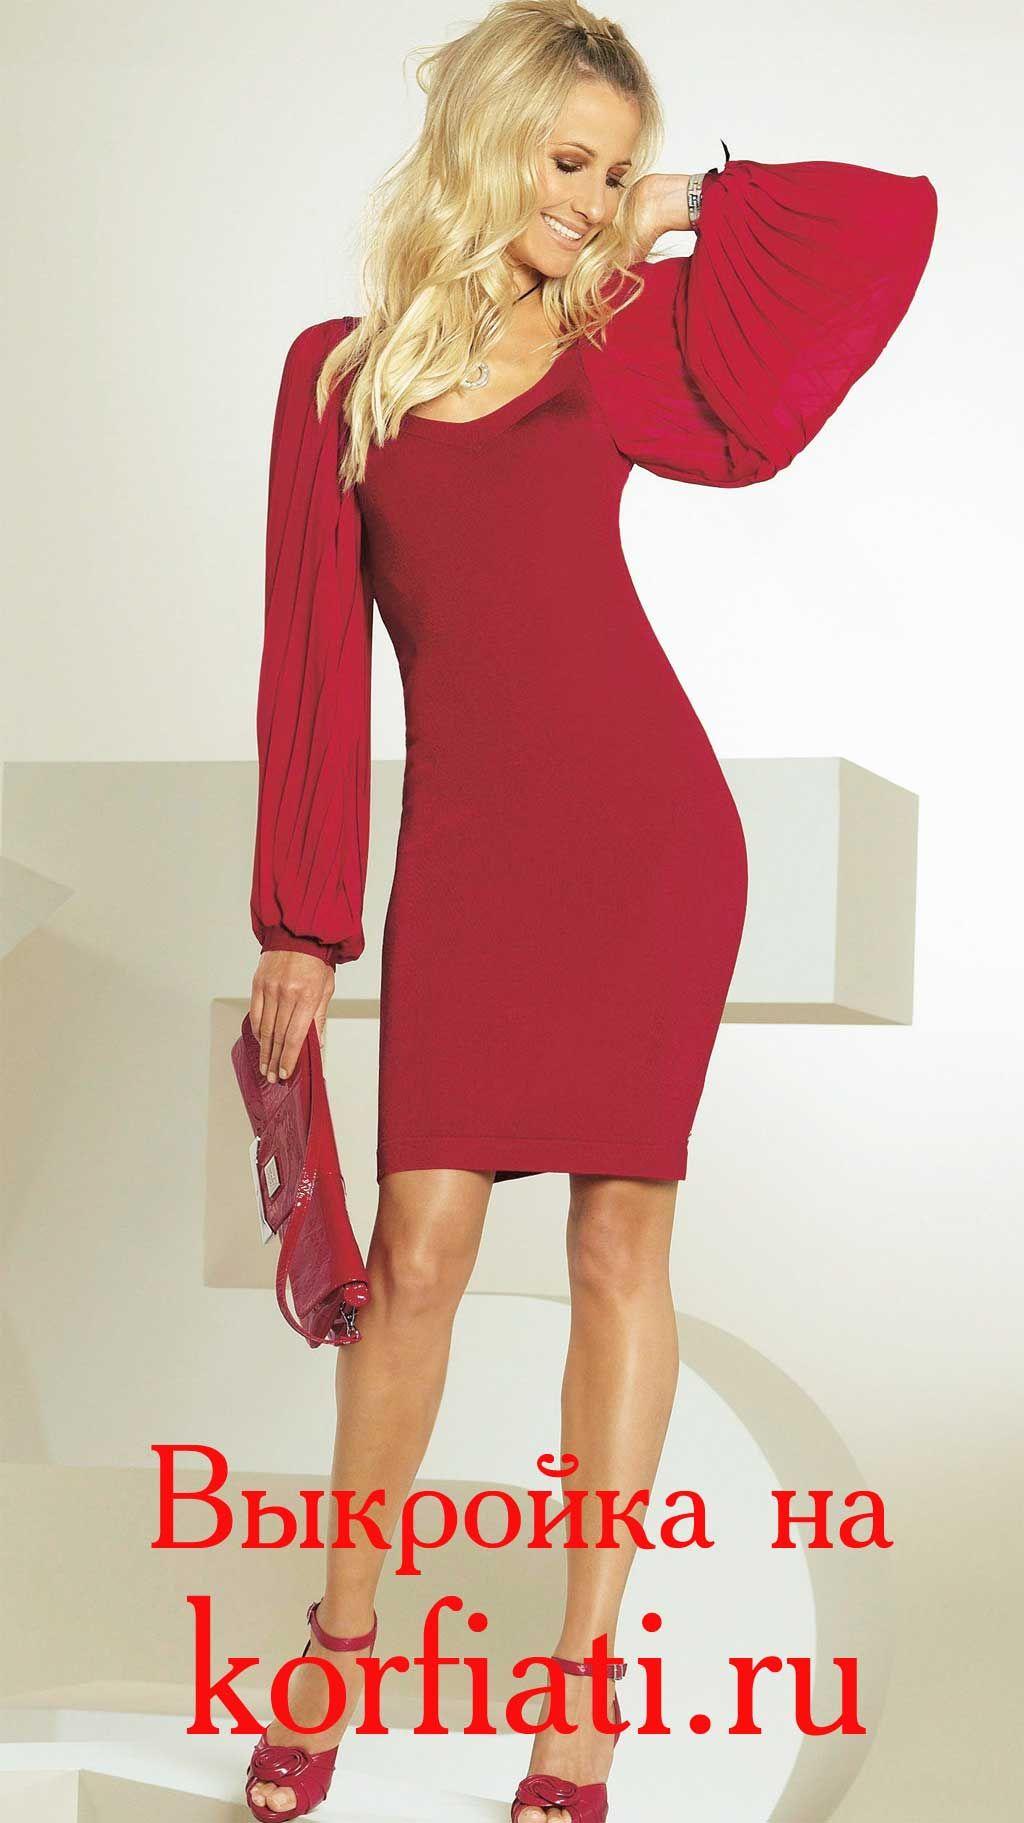 Выкройка модного платья быстро